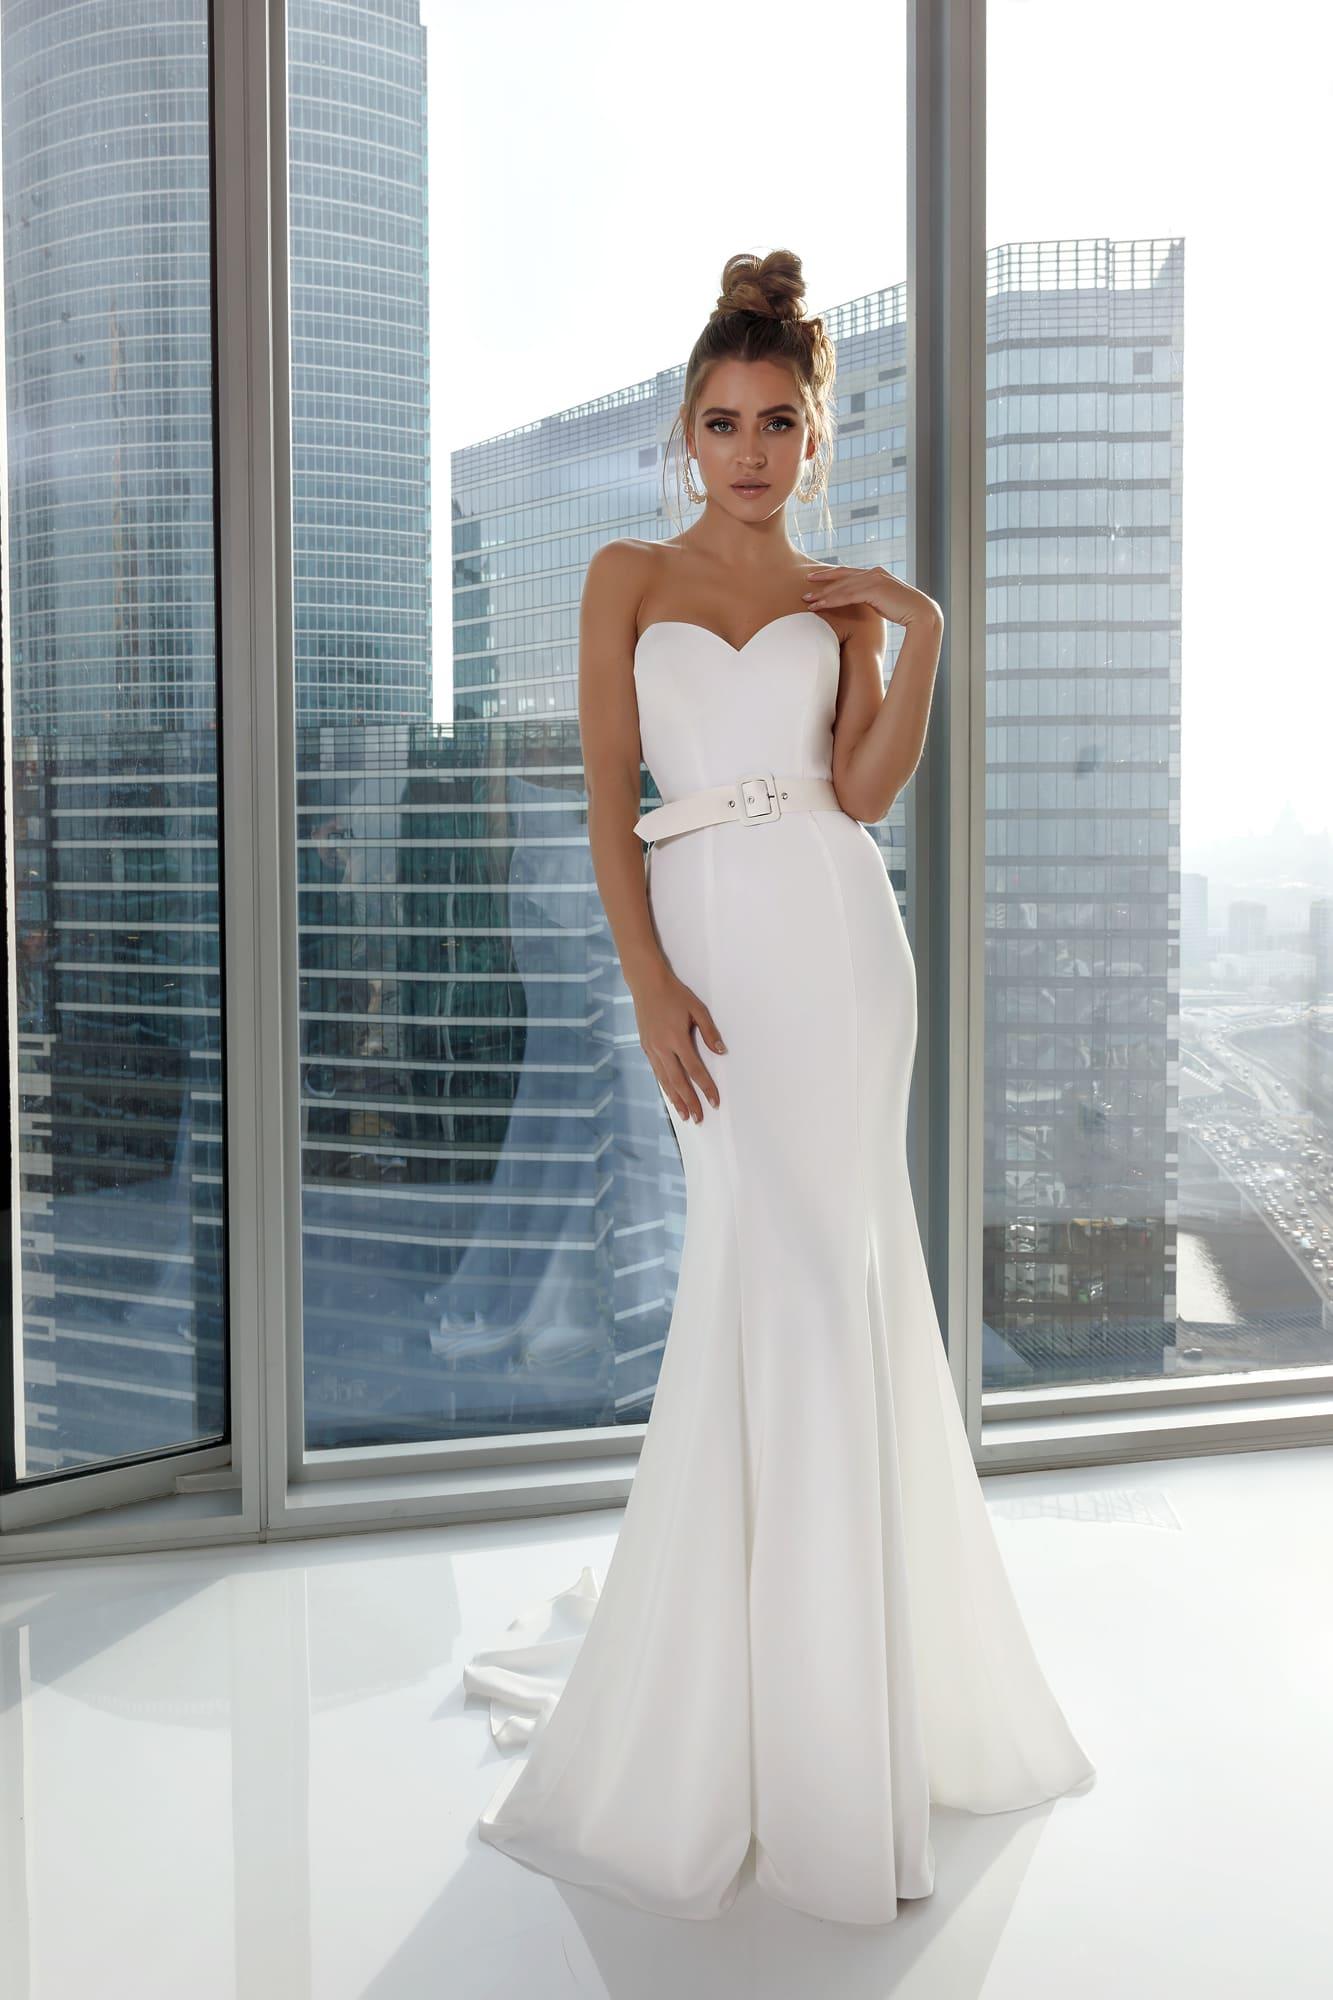 2bbf294cbd4 Вечернее платье Nora Naviano 31412A 1 ivory ▷ Свадебный Торговый Центр Вега  в Москве